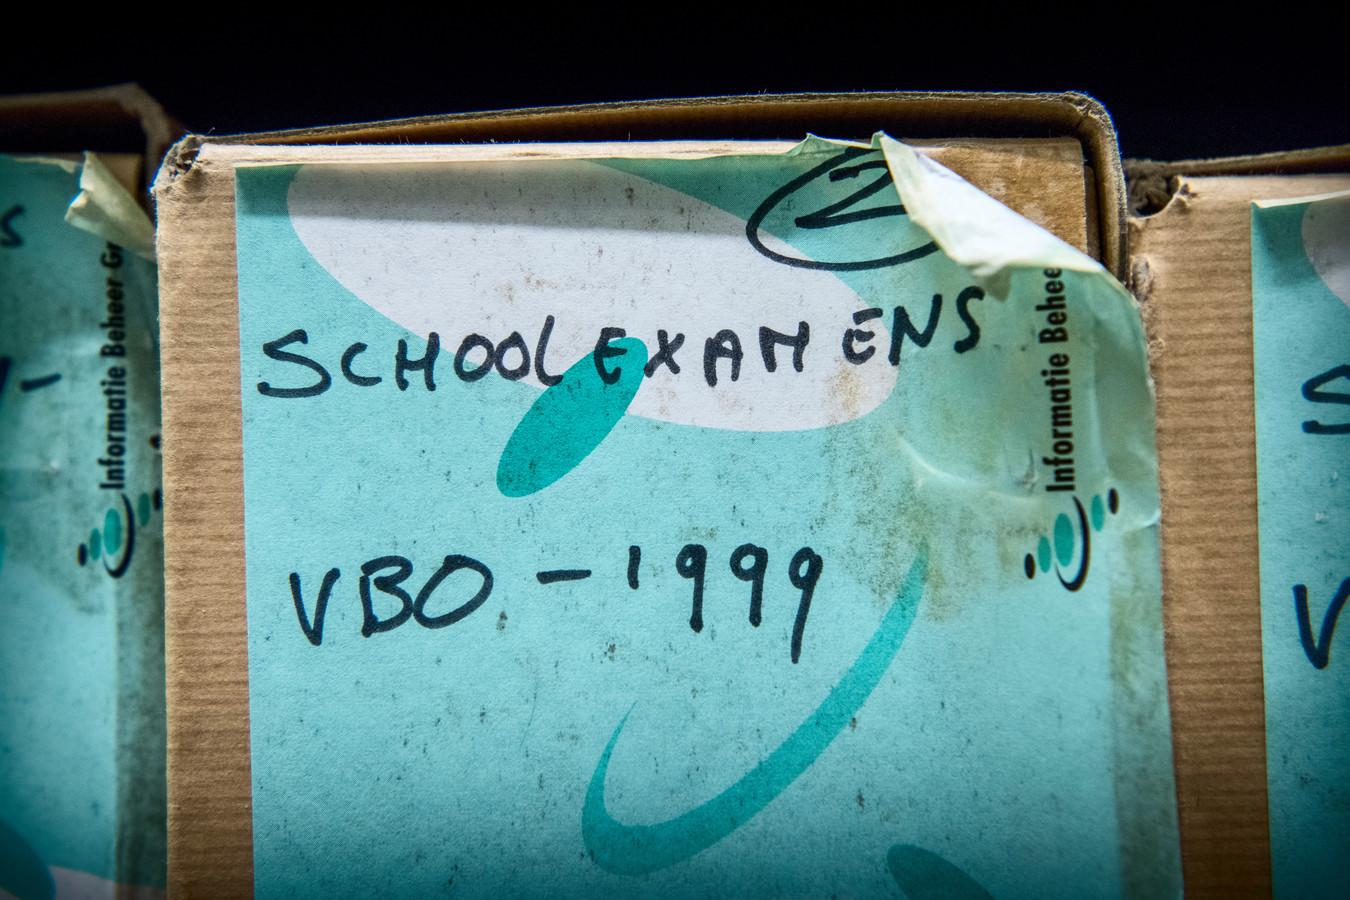 Verspreid over twee archieven liggen duizenden cijferlijsten in kartonnen dozen.